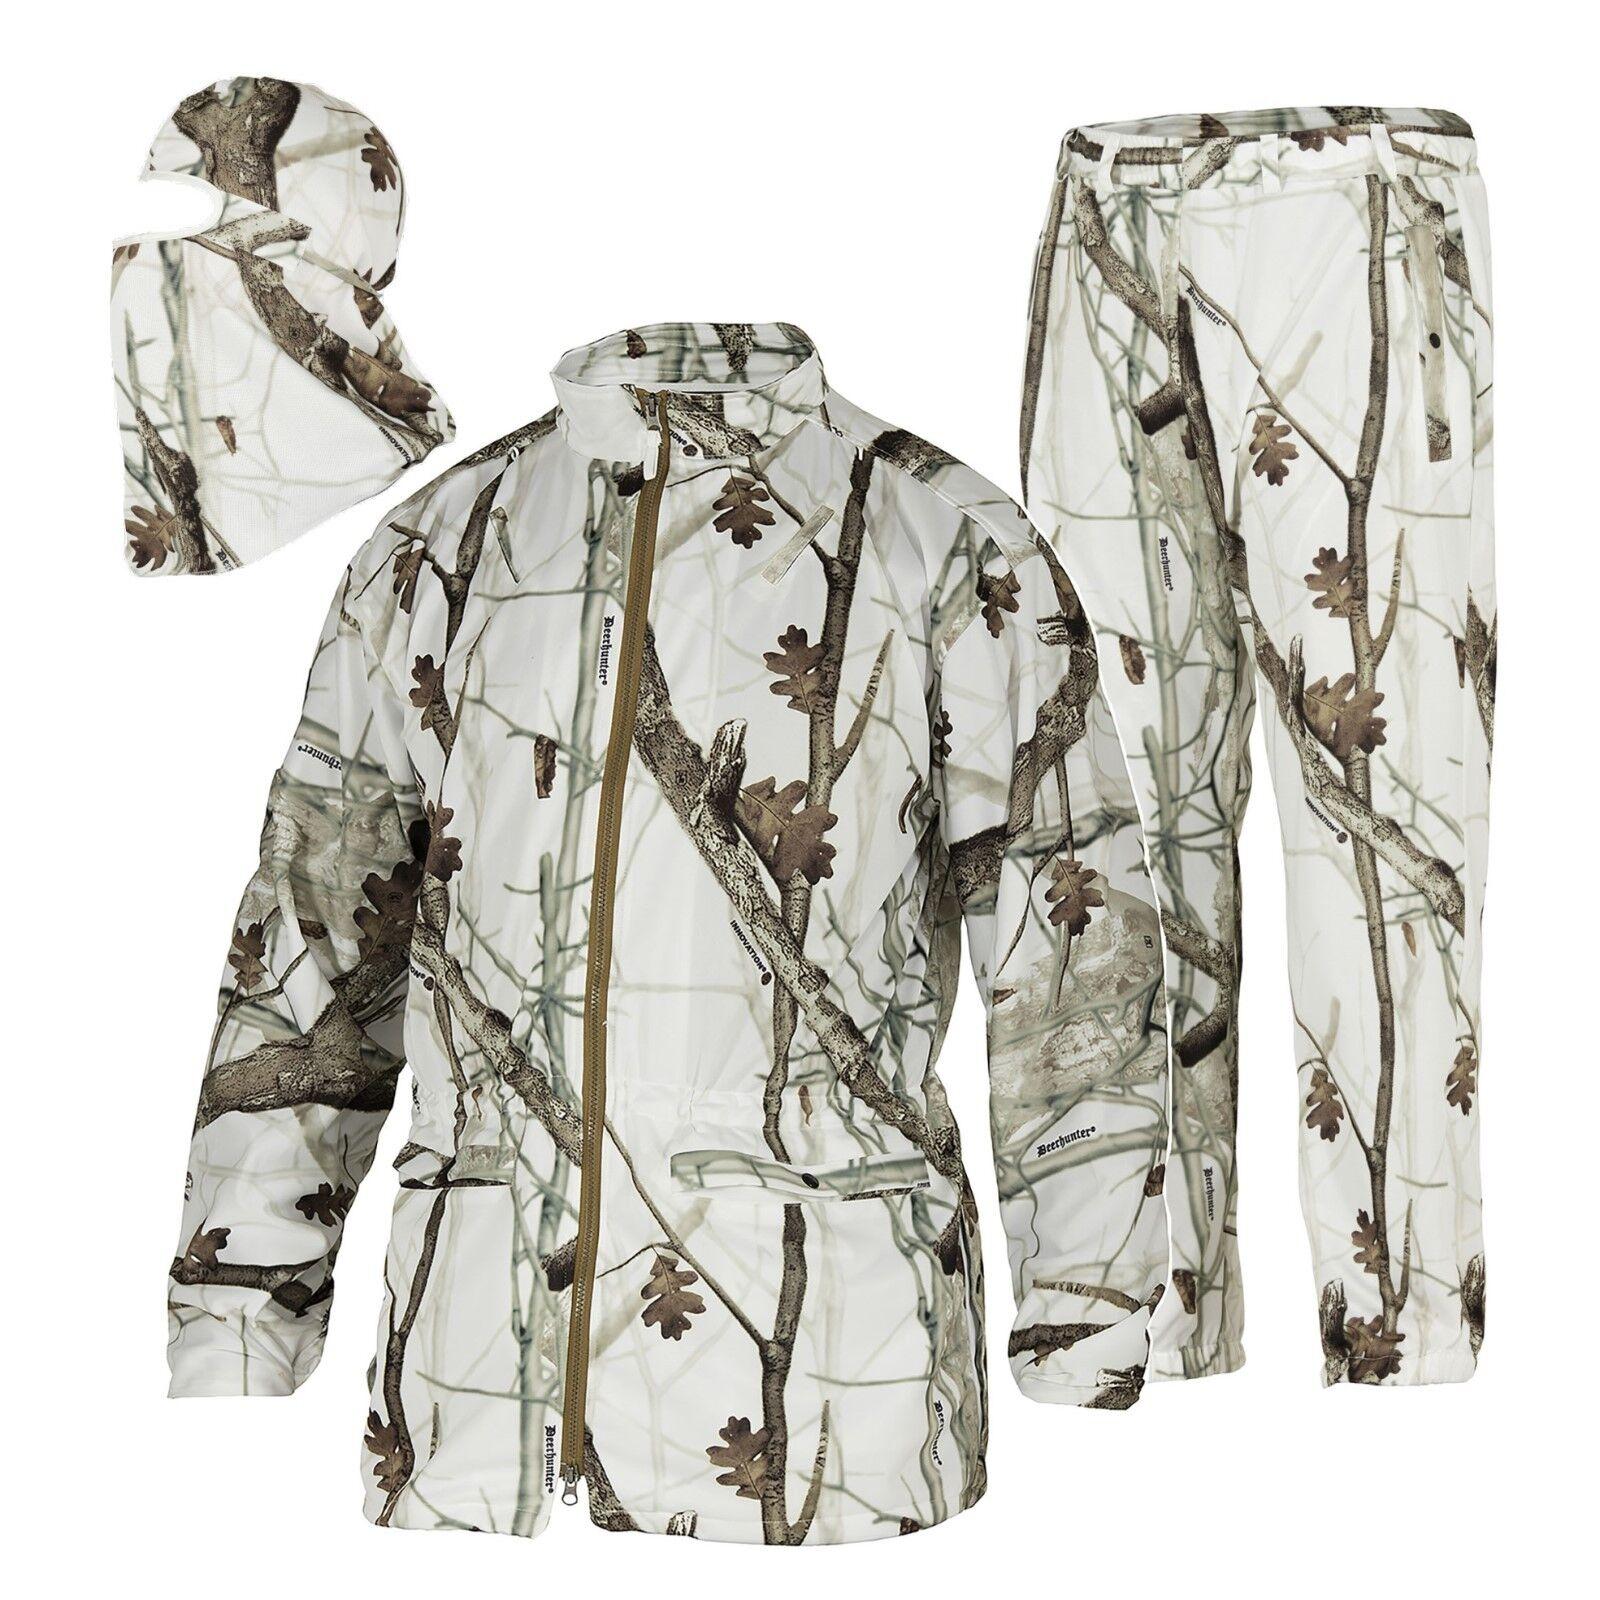 Tenue Snow Veste Pantalon Masque 47-Innovation Snow Camo Deerhunter 2118